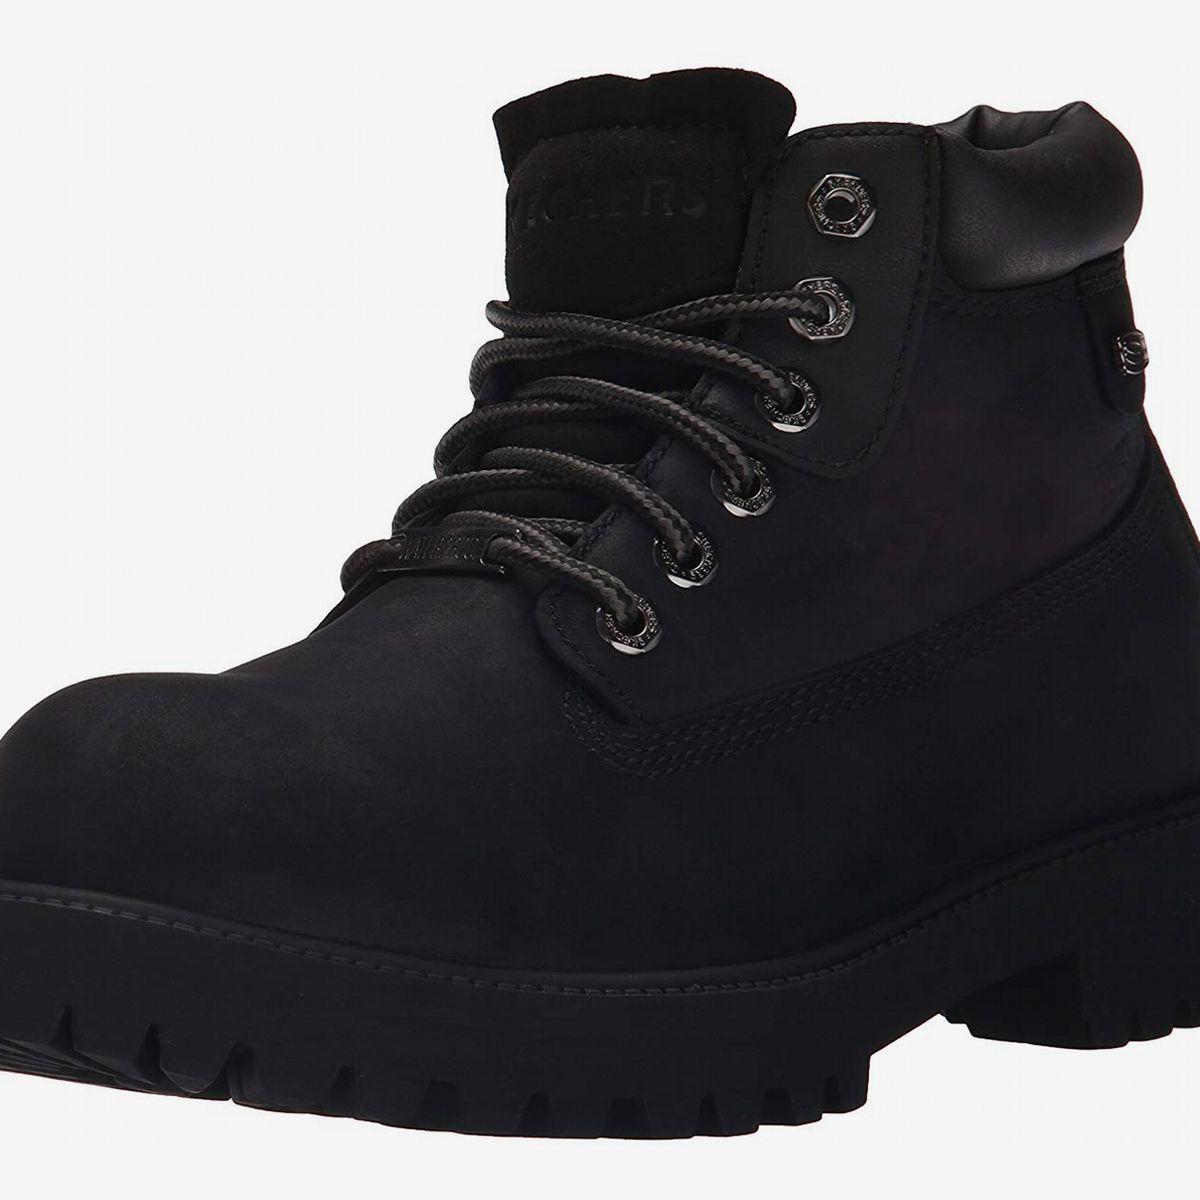 16 Best Men's Winter Boots 2020 | The